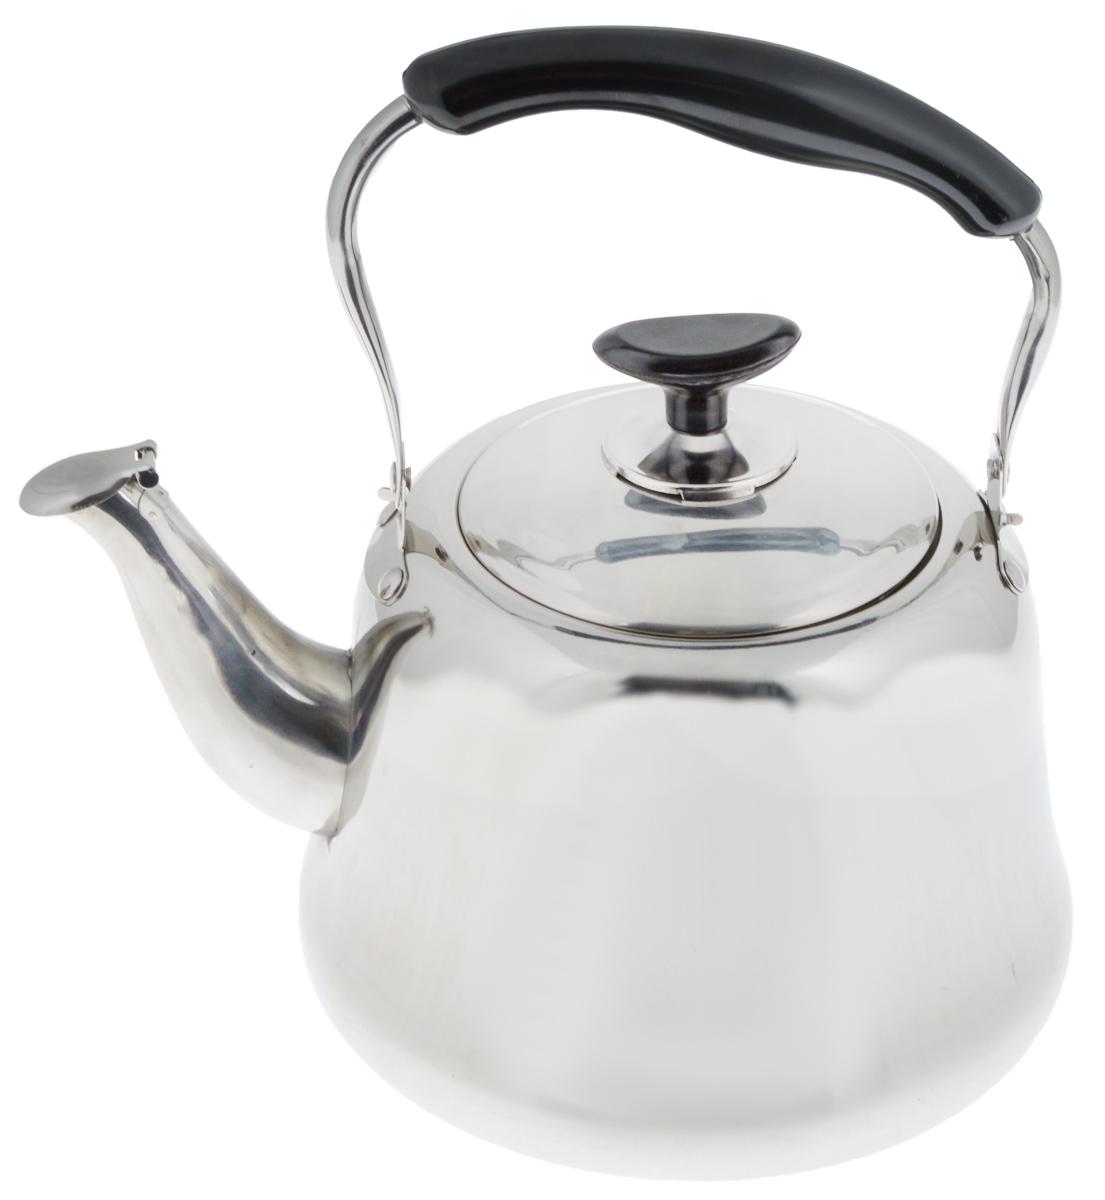 Чайник Mayer & Boch, со свистком, 3 л. 2350623506Чайник Mayer & Boch изготовлен из высококачественной нержавеющей стали. Он оснащен подвижной ручкой из бакелита, что делает использование чайника очень удобным и безопасным. Крышка снабжена свистком, позволяя контролировать процесс подогрева или кипячения воды. Капсулированное дно с прослойкой из алюминия обеспечивает наилучшее распределение тепла. Эстетичный и функциональный, с эксклюзивным дизайном, чайник будет оригинально смотреться в любом интерьере. Подходит для стеклокерамических, газовых и электрических плит. Высота чайника (без учета ручки и крышки): 13,5 см. Высота чайника (с учетом ручки и крышки): 26 см. Диаметр чайника (по верхнему краю): 11 см.